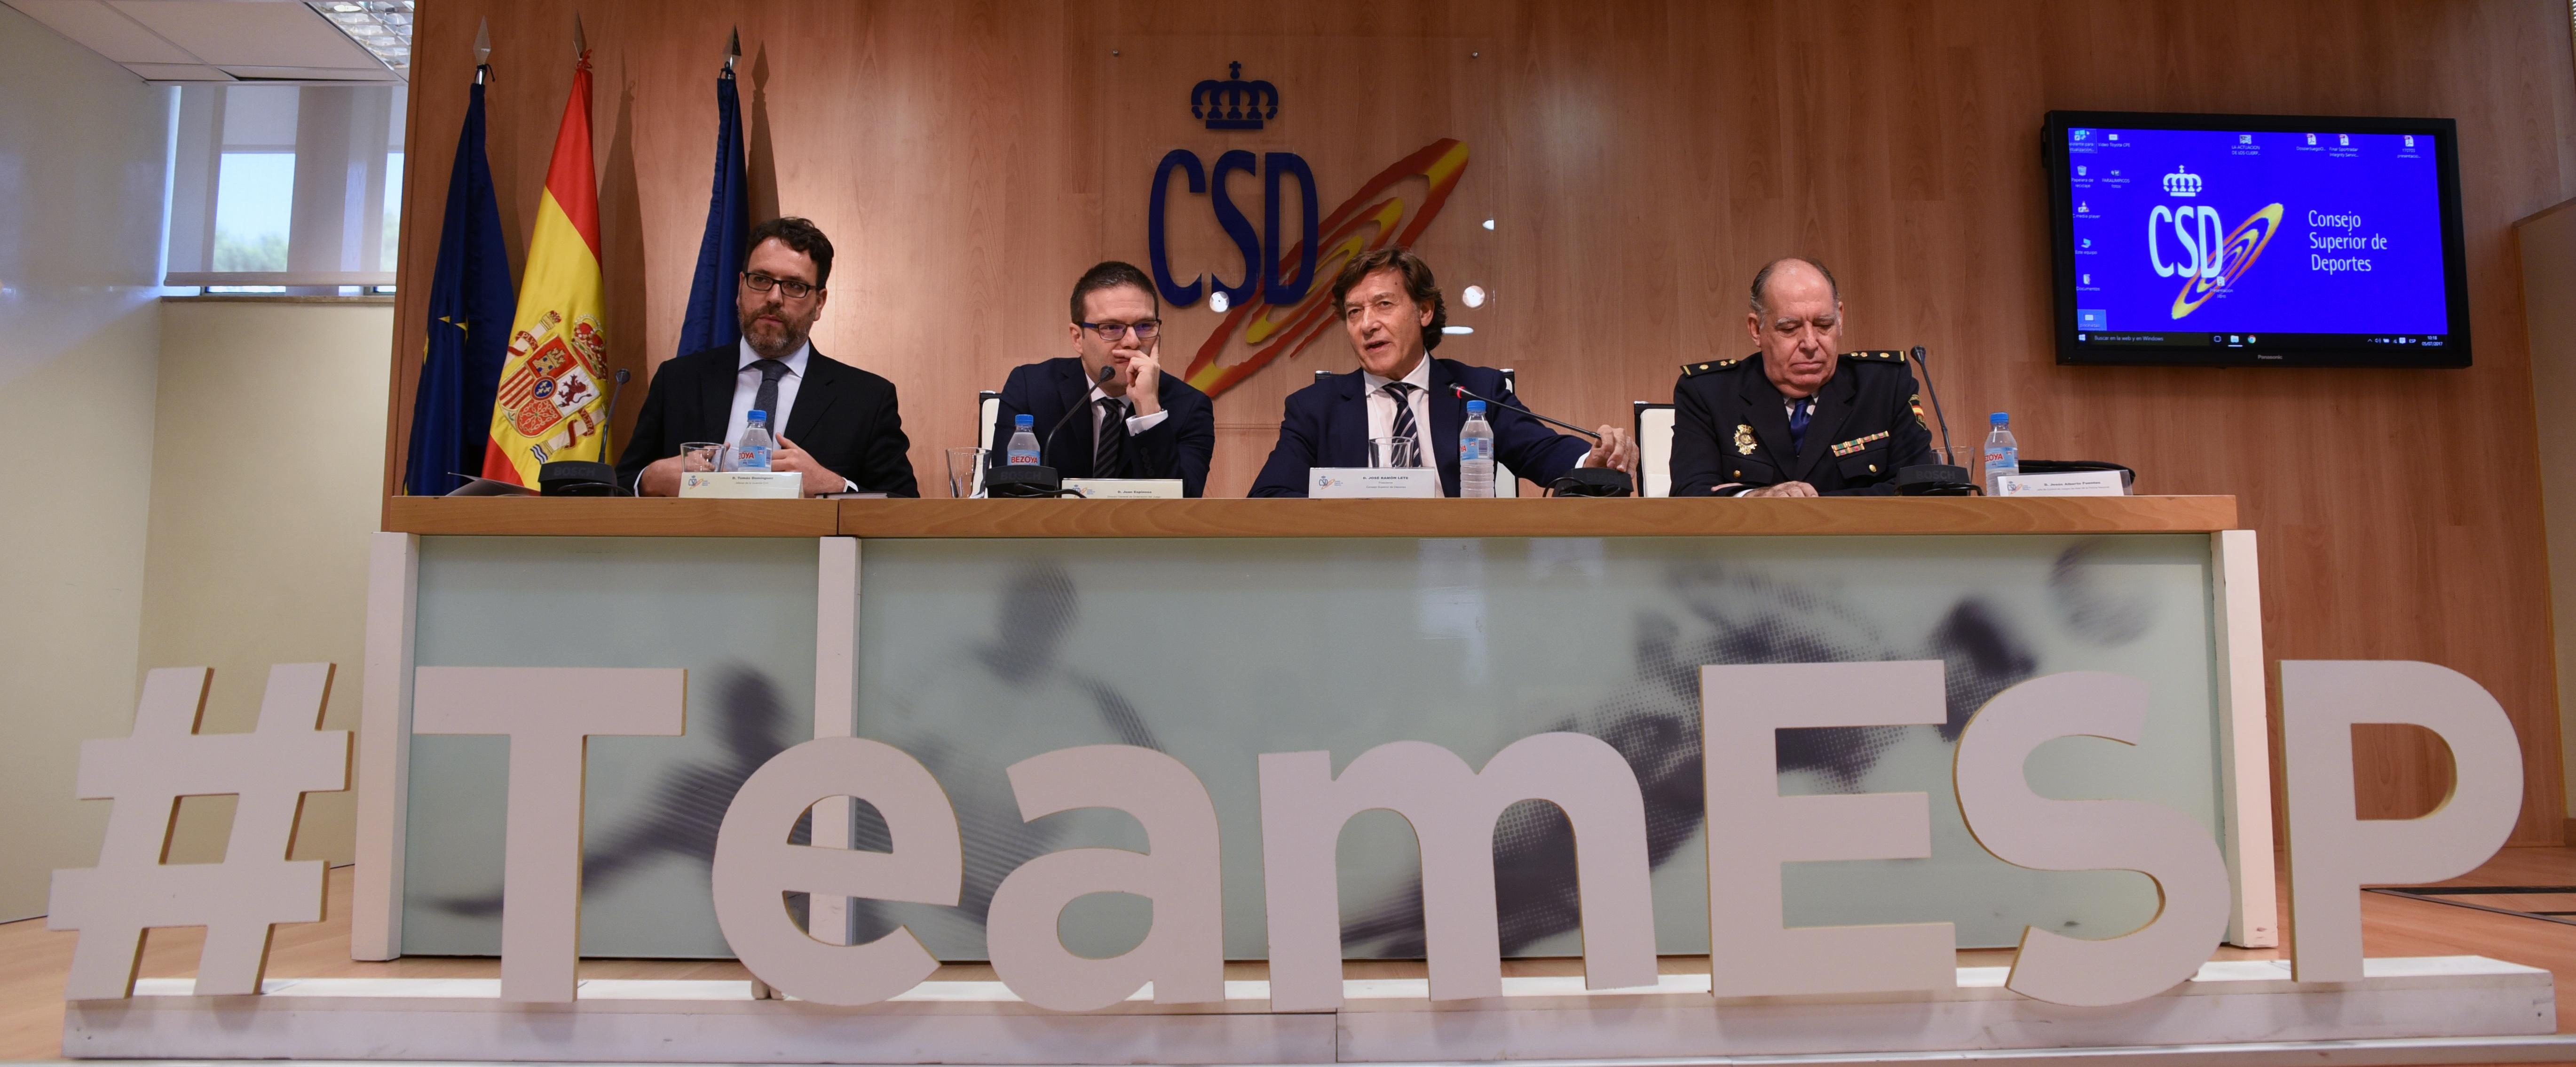 De izquierda a derecha, Tomás Domínguez, Juan Espinosa, José Ramón Lete y Jesús Fuentes